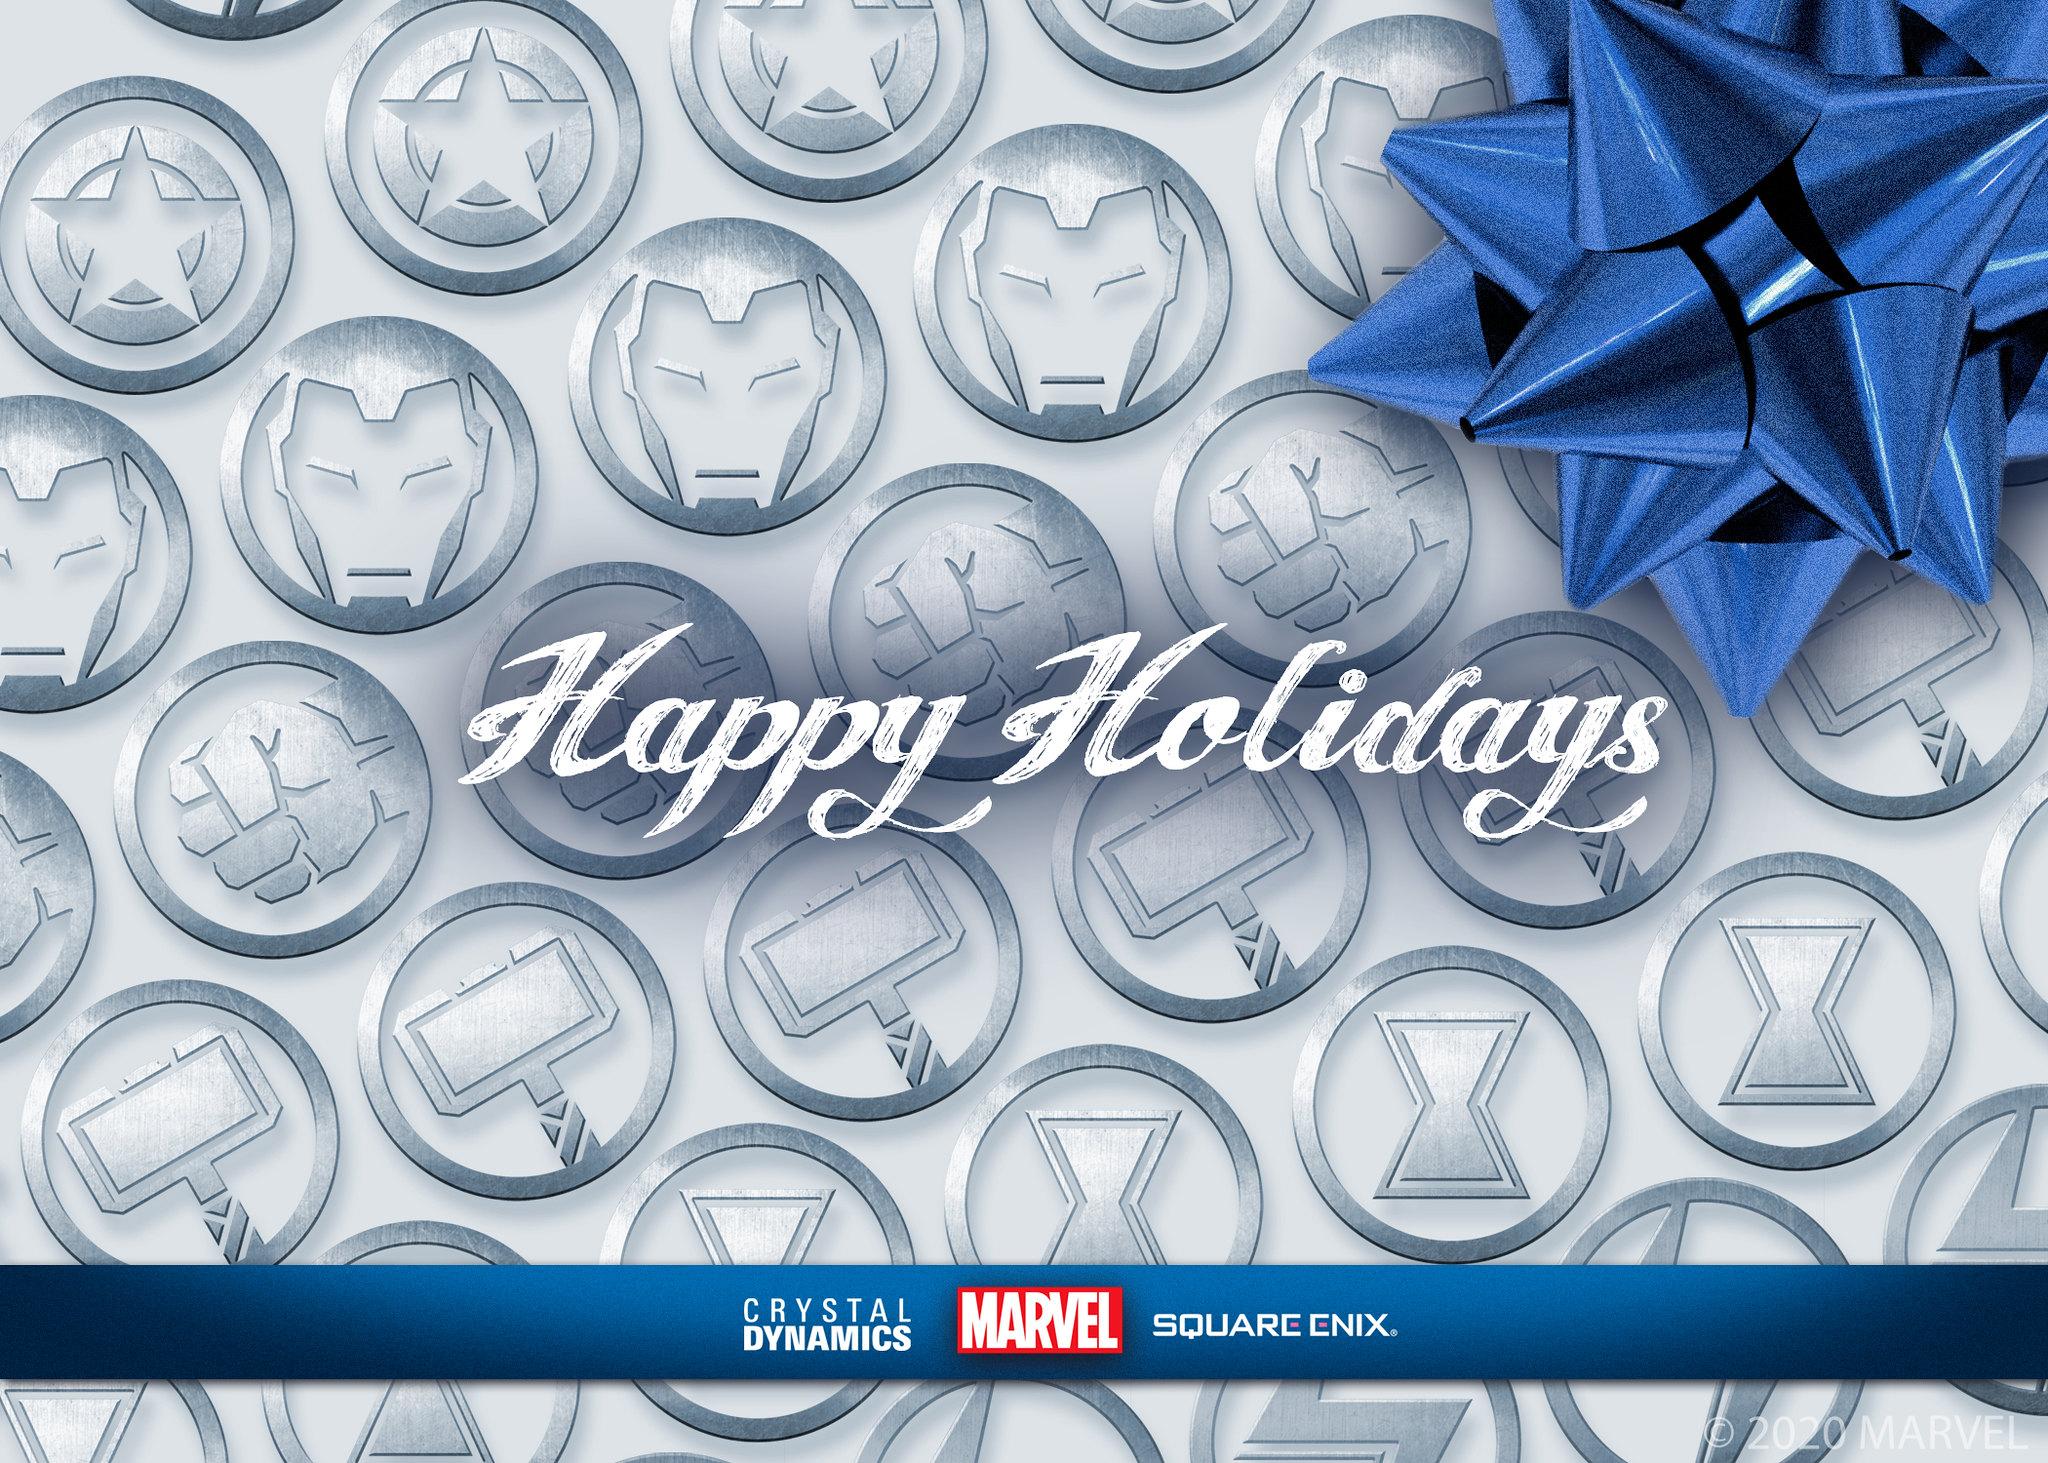 圣诞快乐!索尼发布大量游戏厂商年末节日贺卡